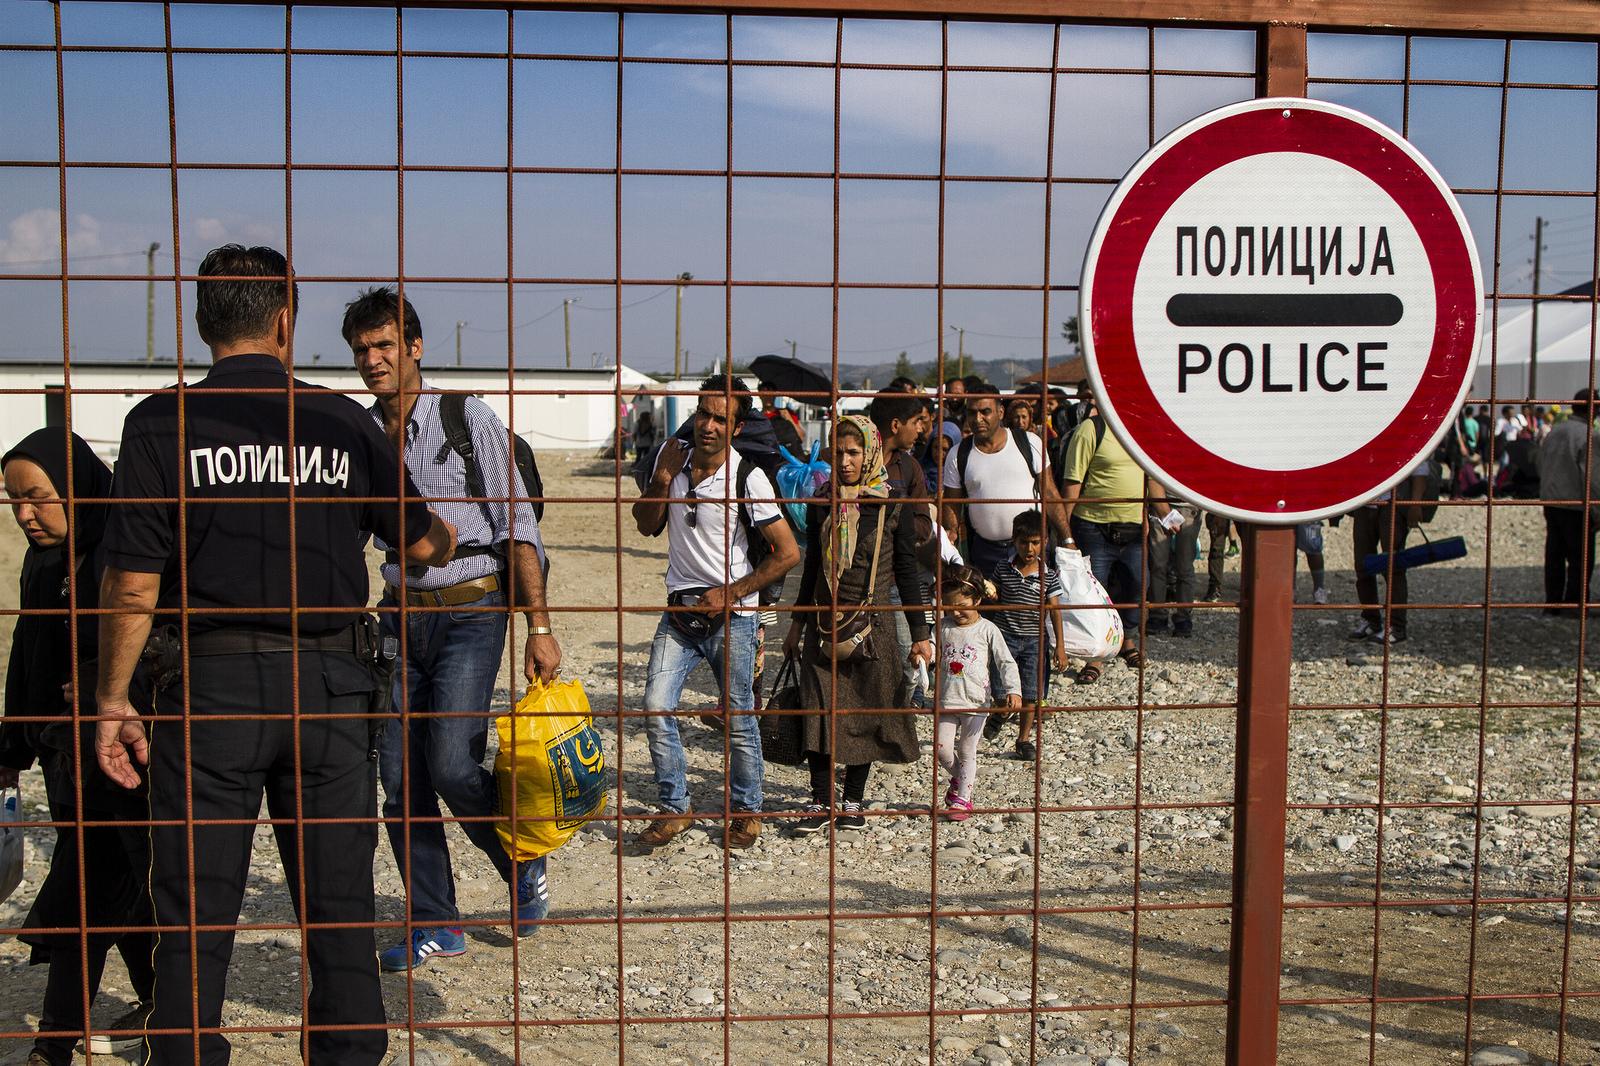 Caritas Macedonia se centra en ayudar a mujeres y niños, ya que hacen un viaje peligroso.